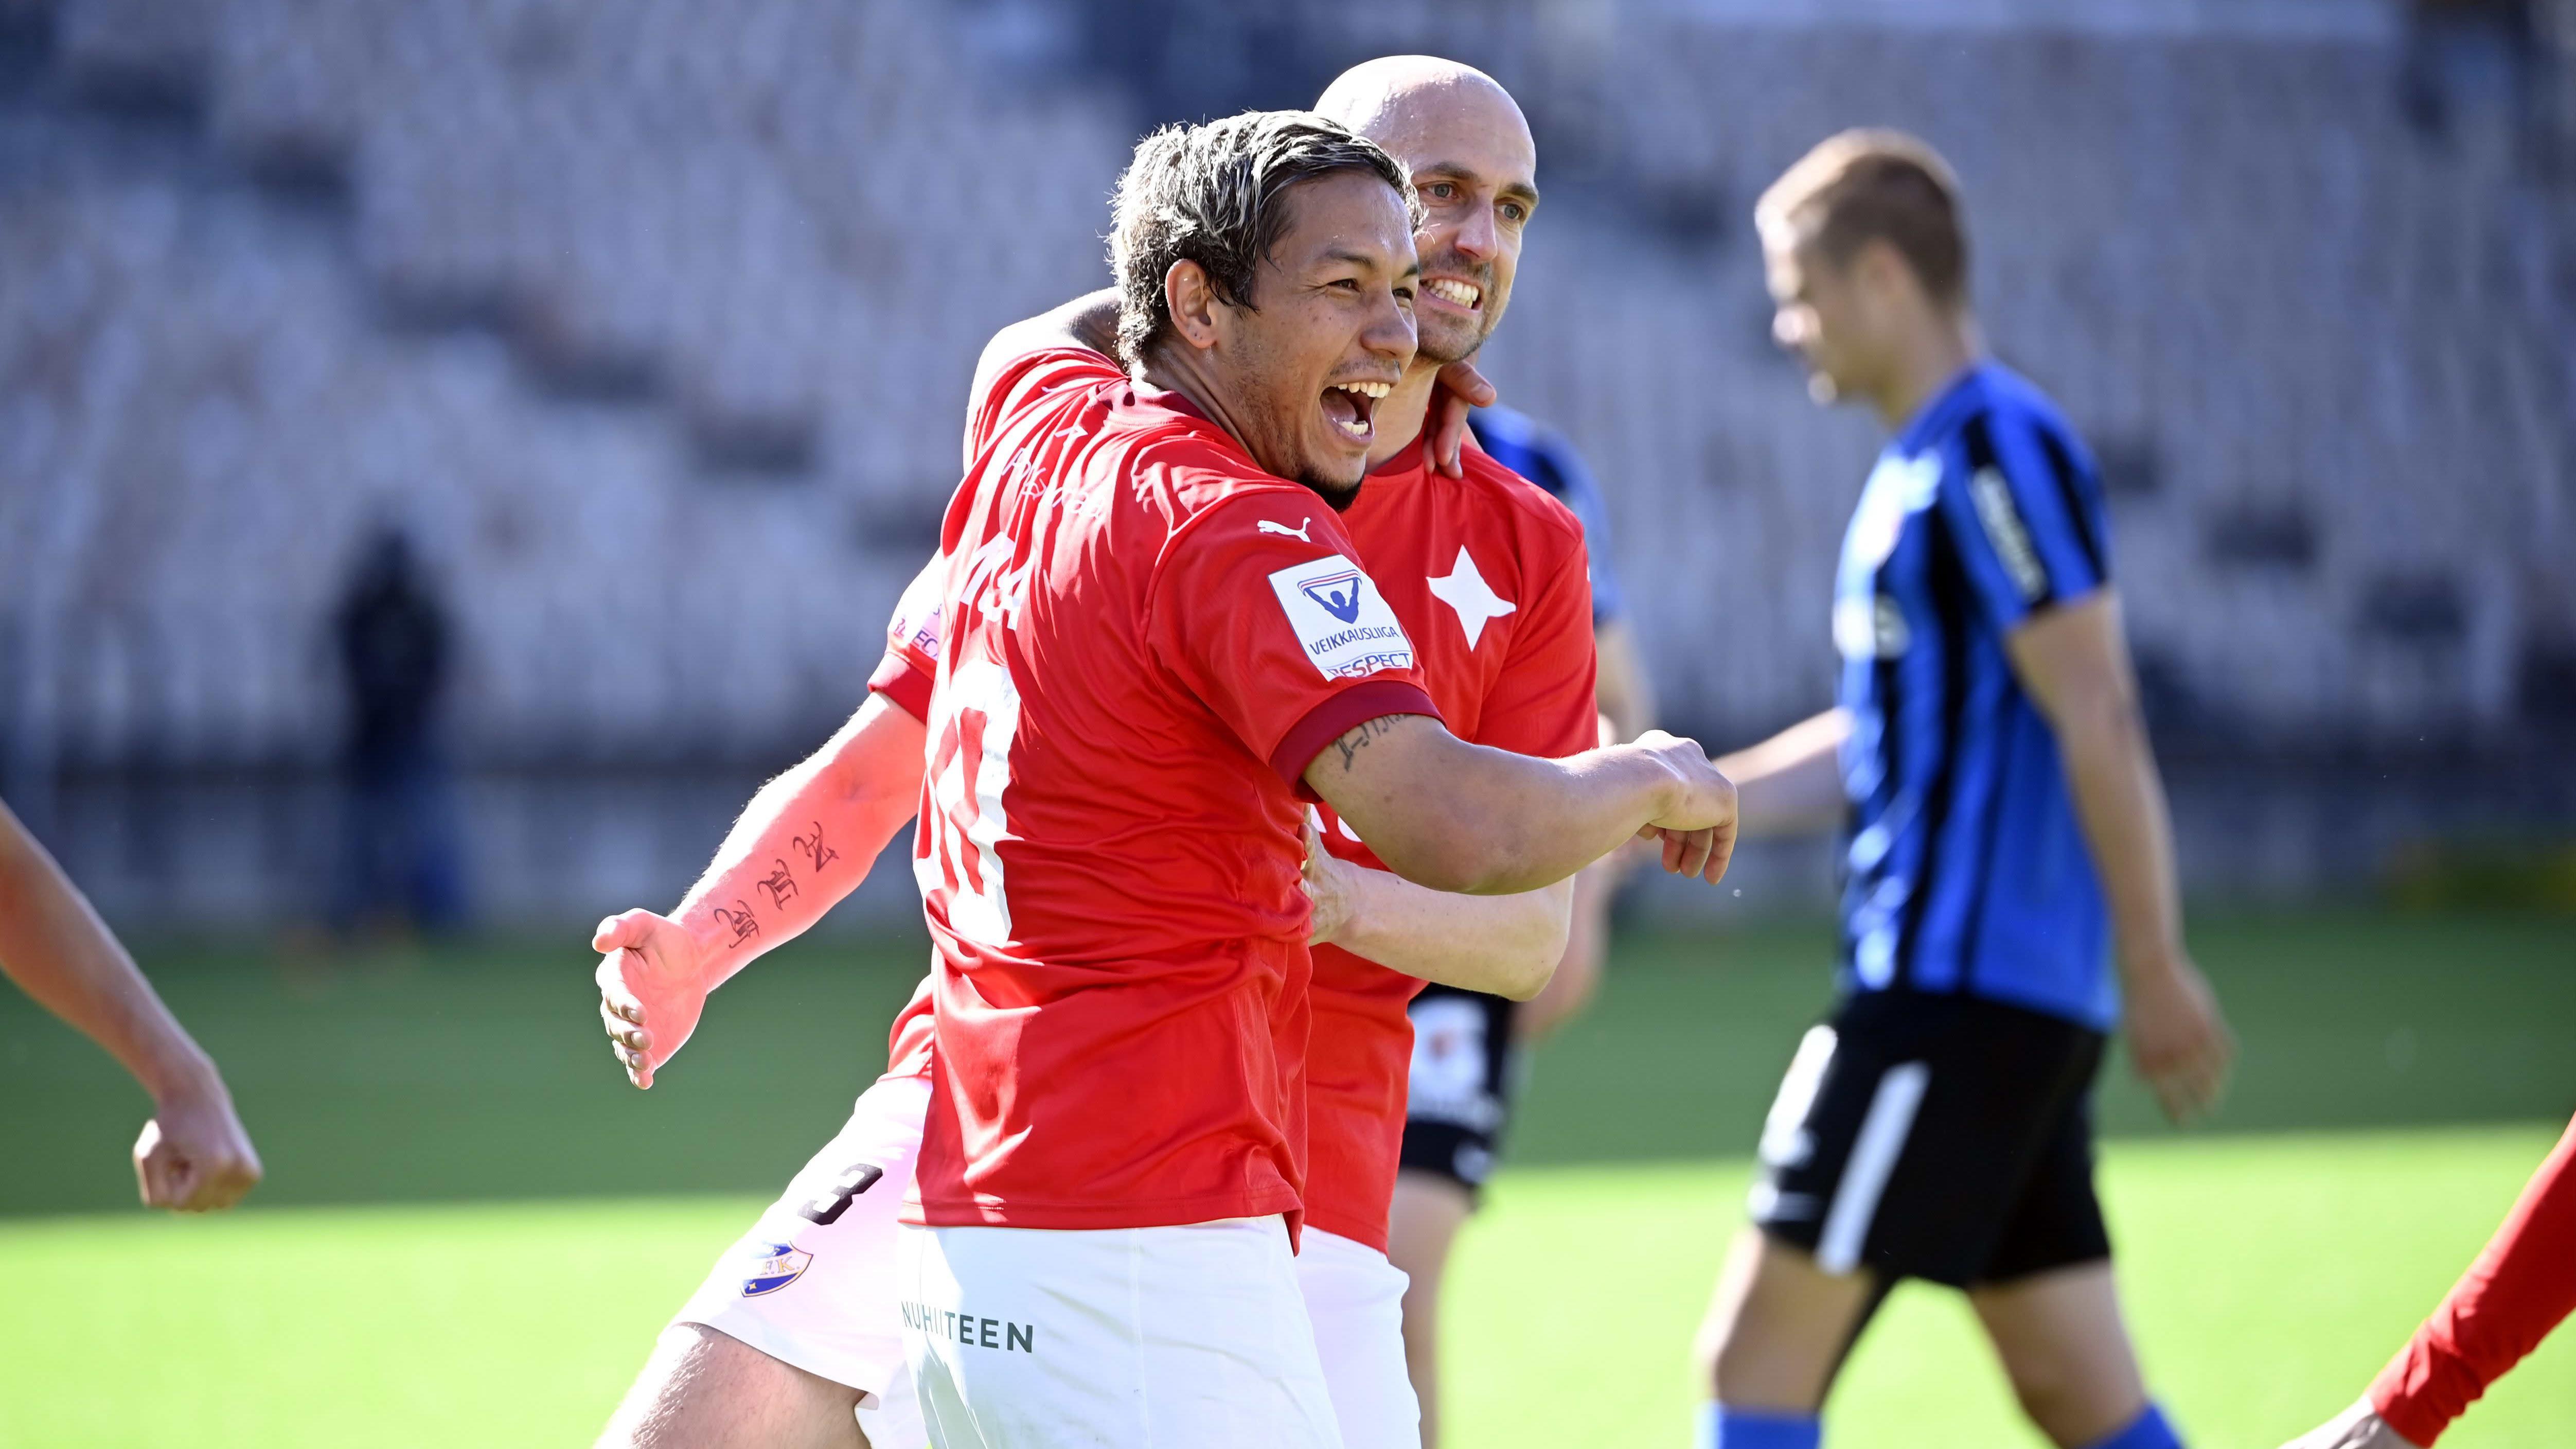 HIFK:n Moshtagh Yaghoubi ja Sakari Mattila.